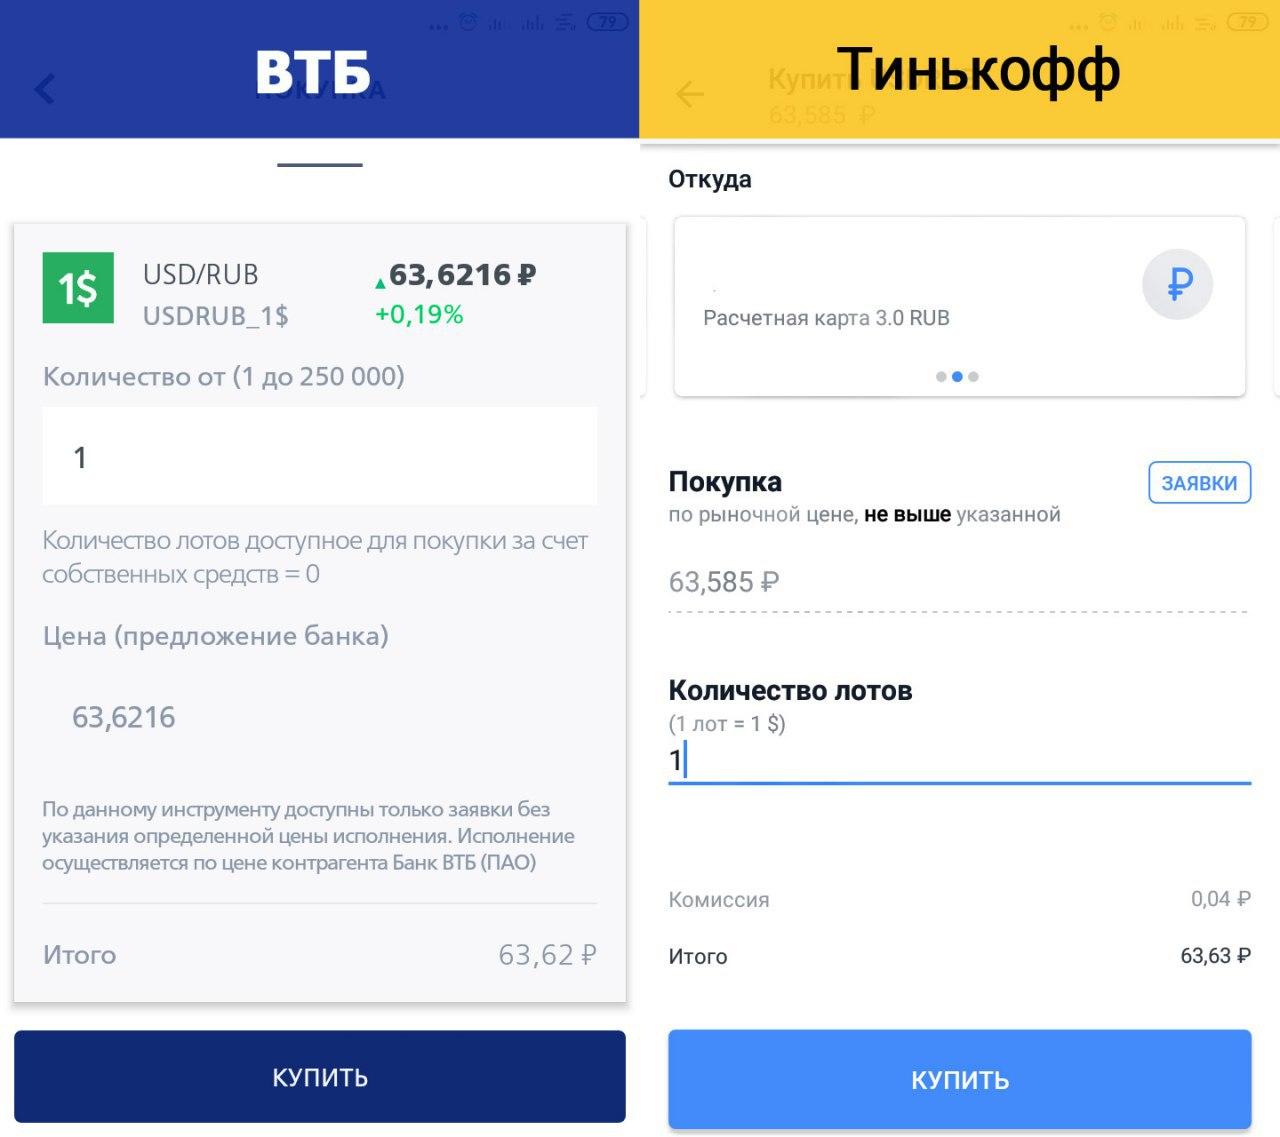 реквизиты банка втб 24 с 01.01.2020 воронеж взять деньги в долг на баланс